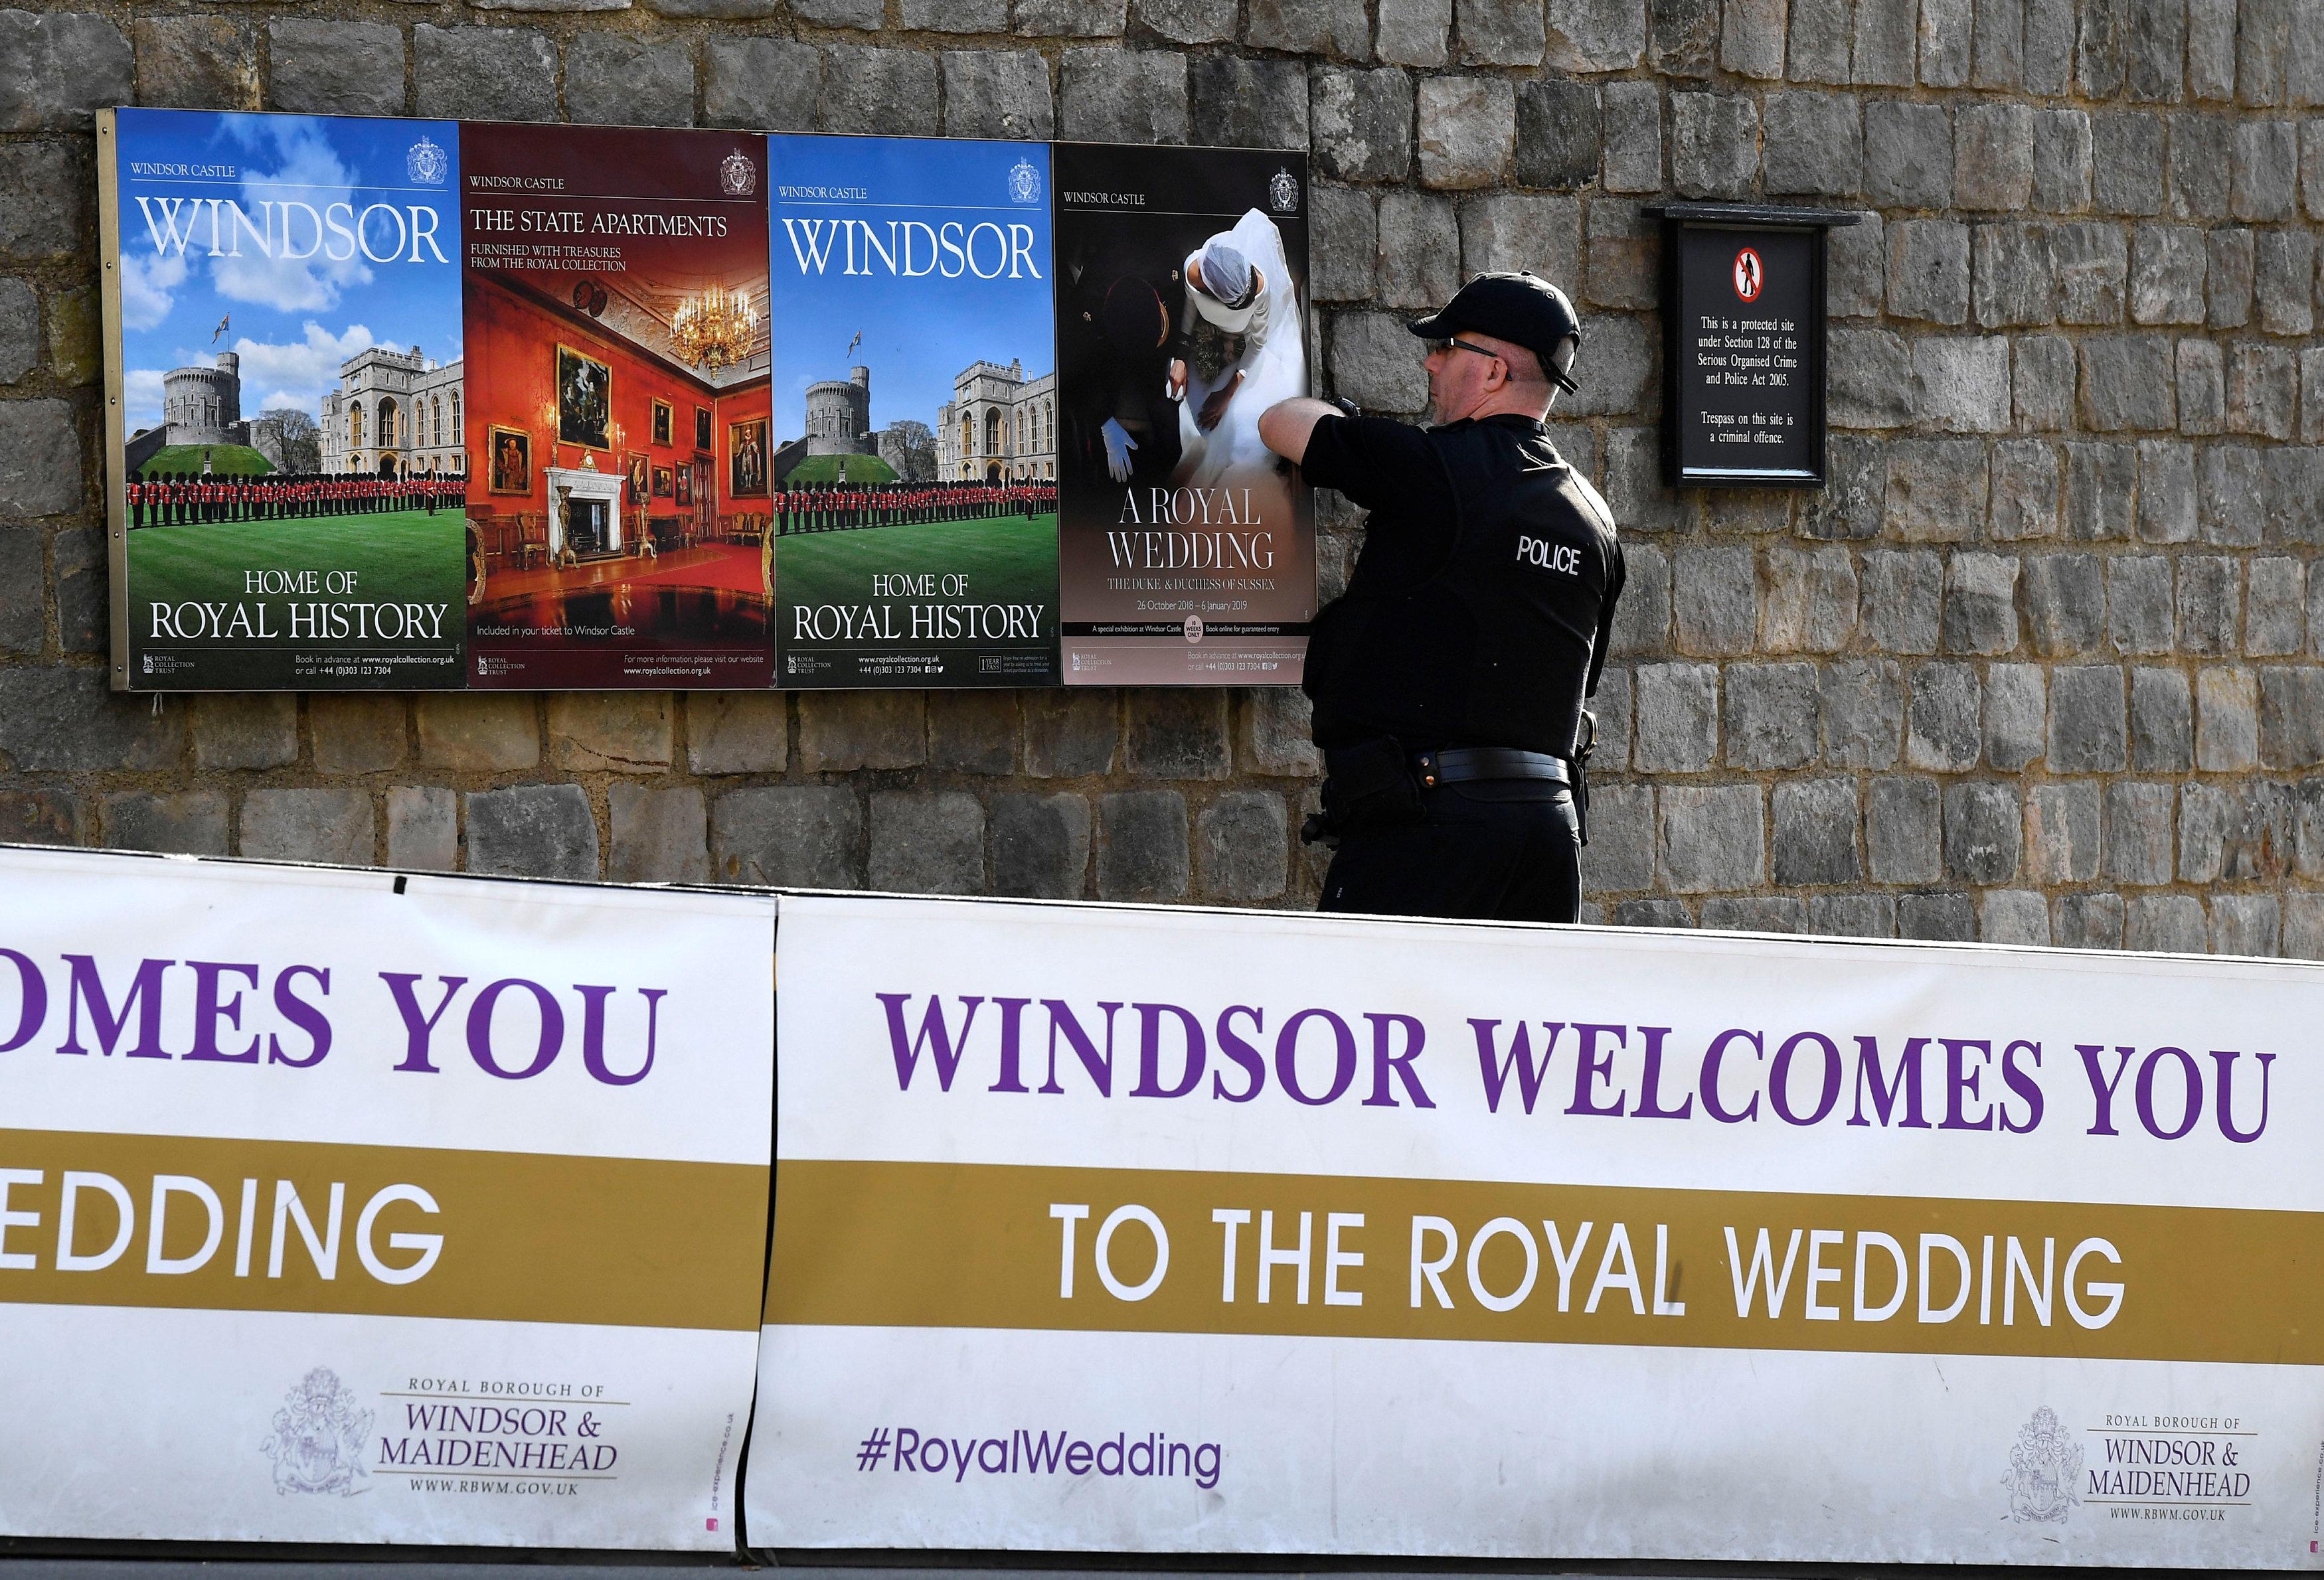 شوارع وندسور تستعد لاستقبال زفاف الأميرة أوجنى